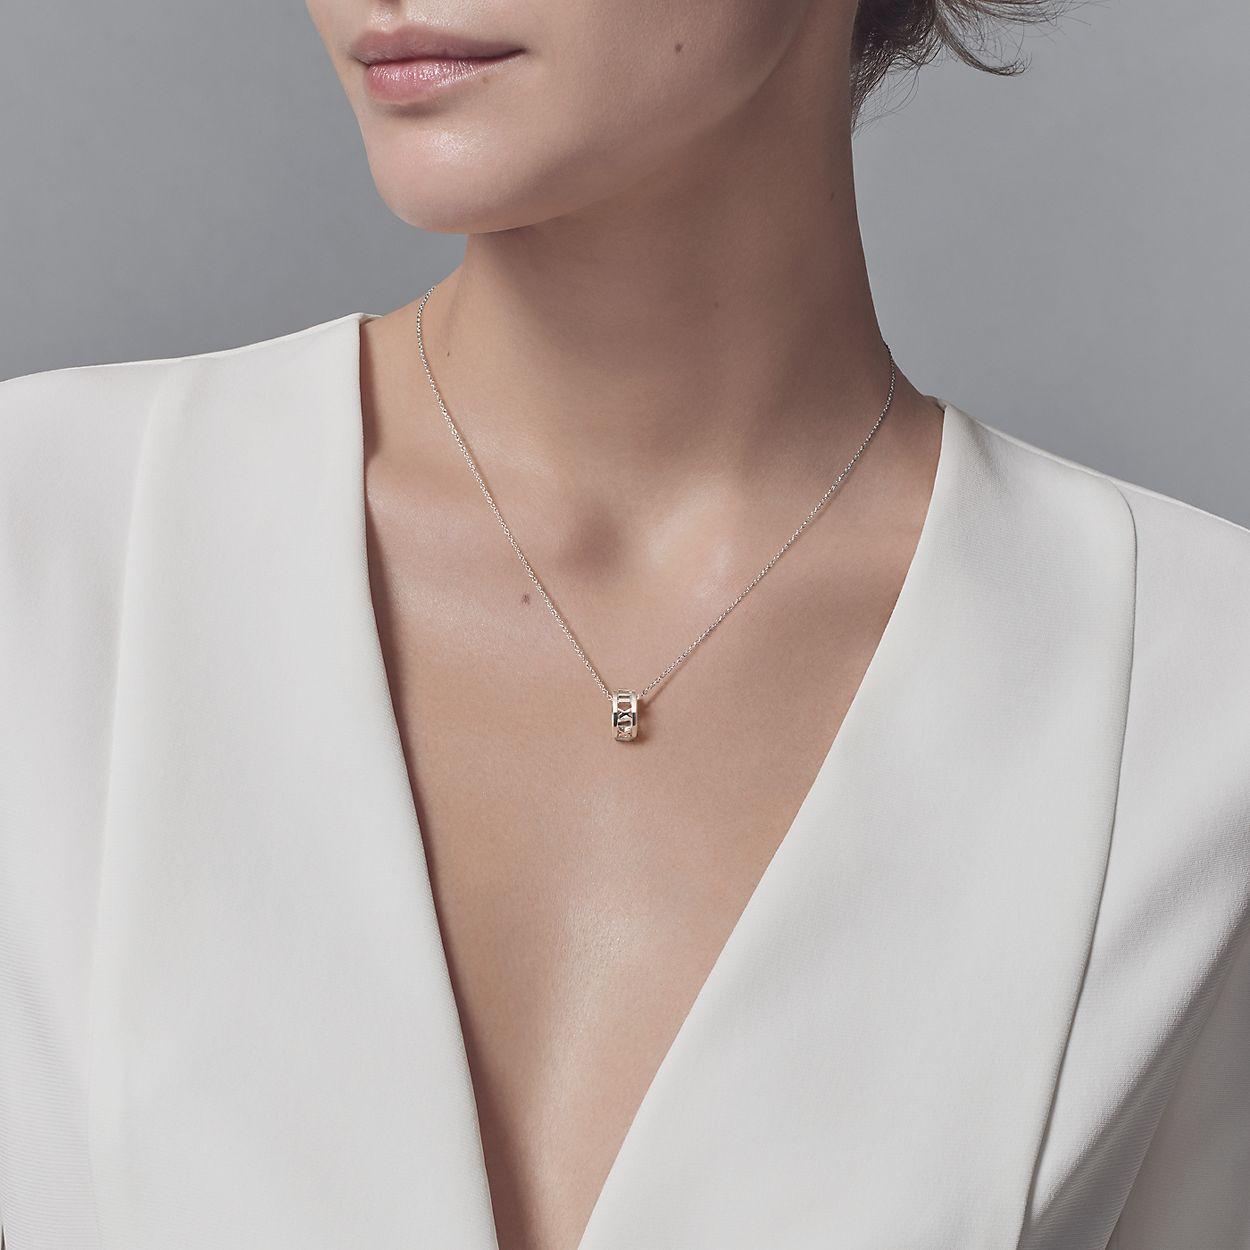 ea913d43d Atlas® open pendant in sterling silver, small.   Tiffany & Co.